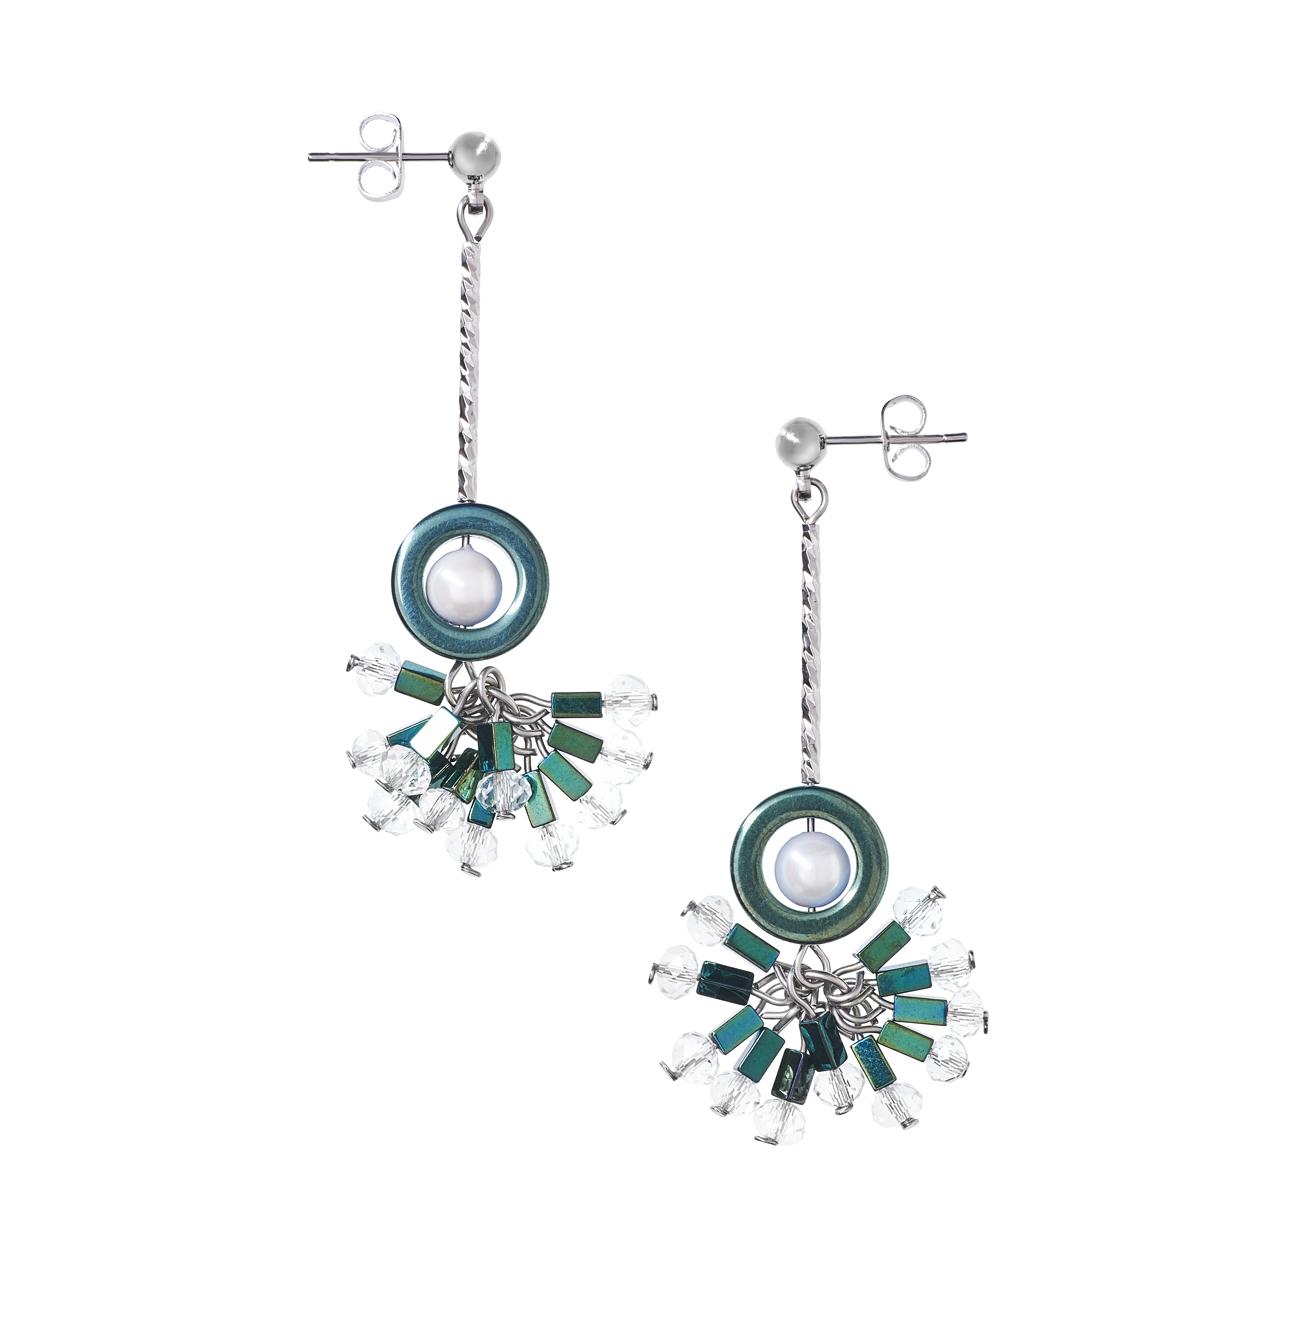 Golovina accessories ювелирная бижутерия серьги Daisy из натуральных камней